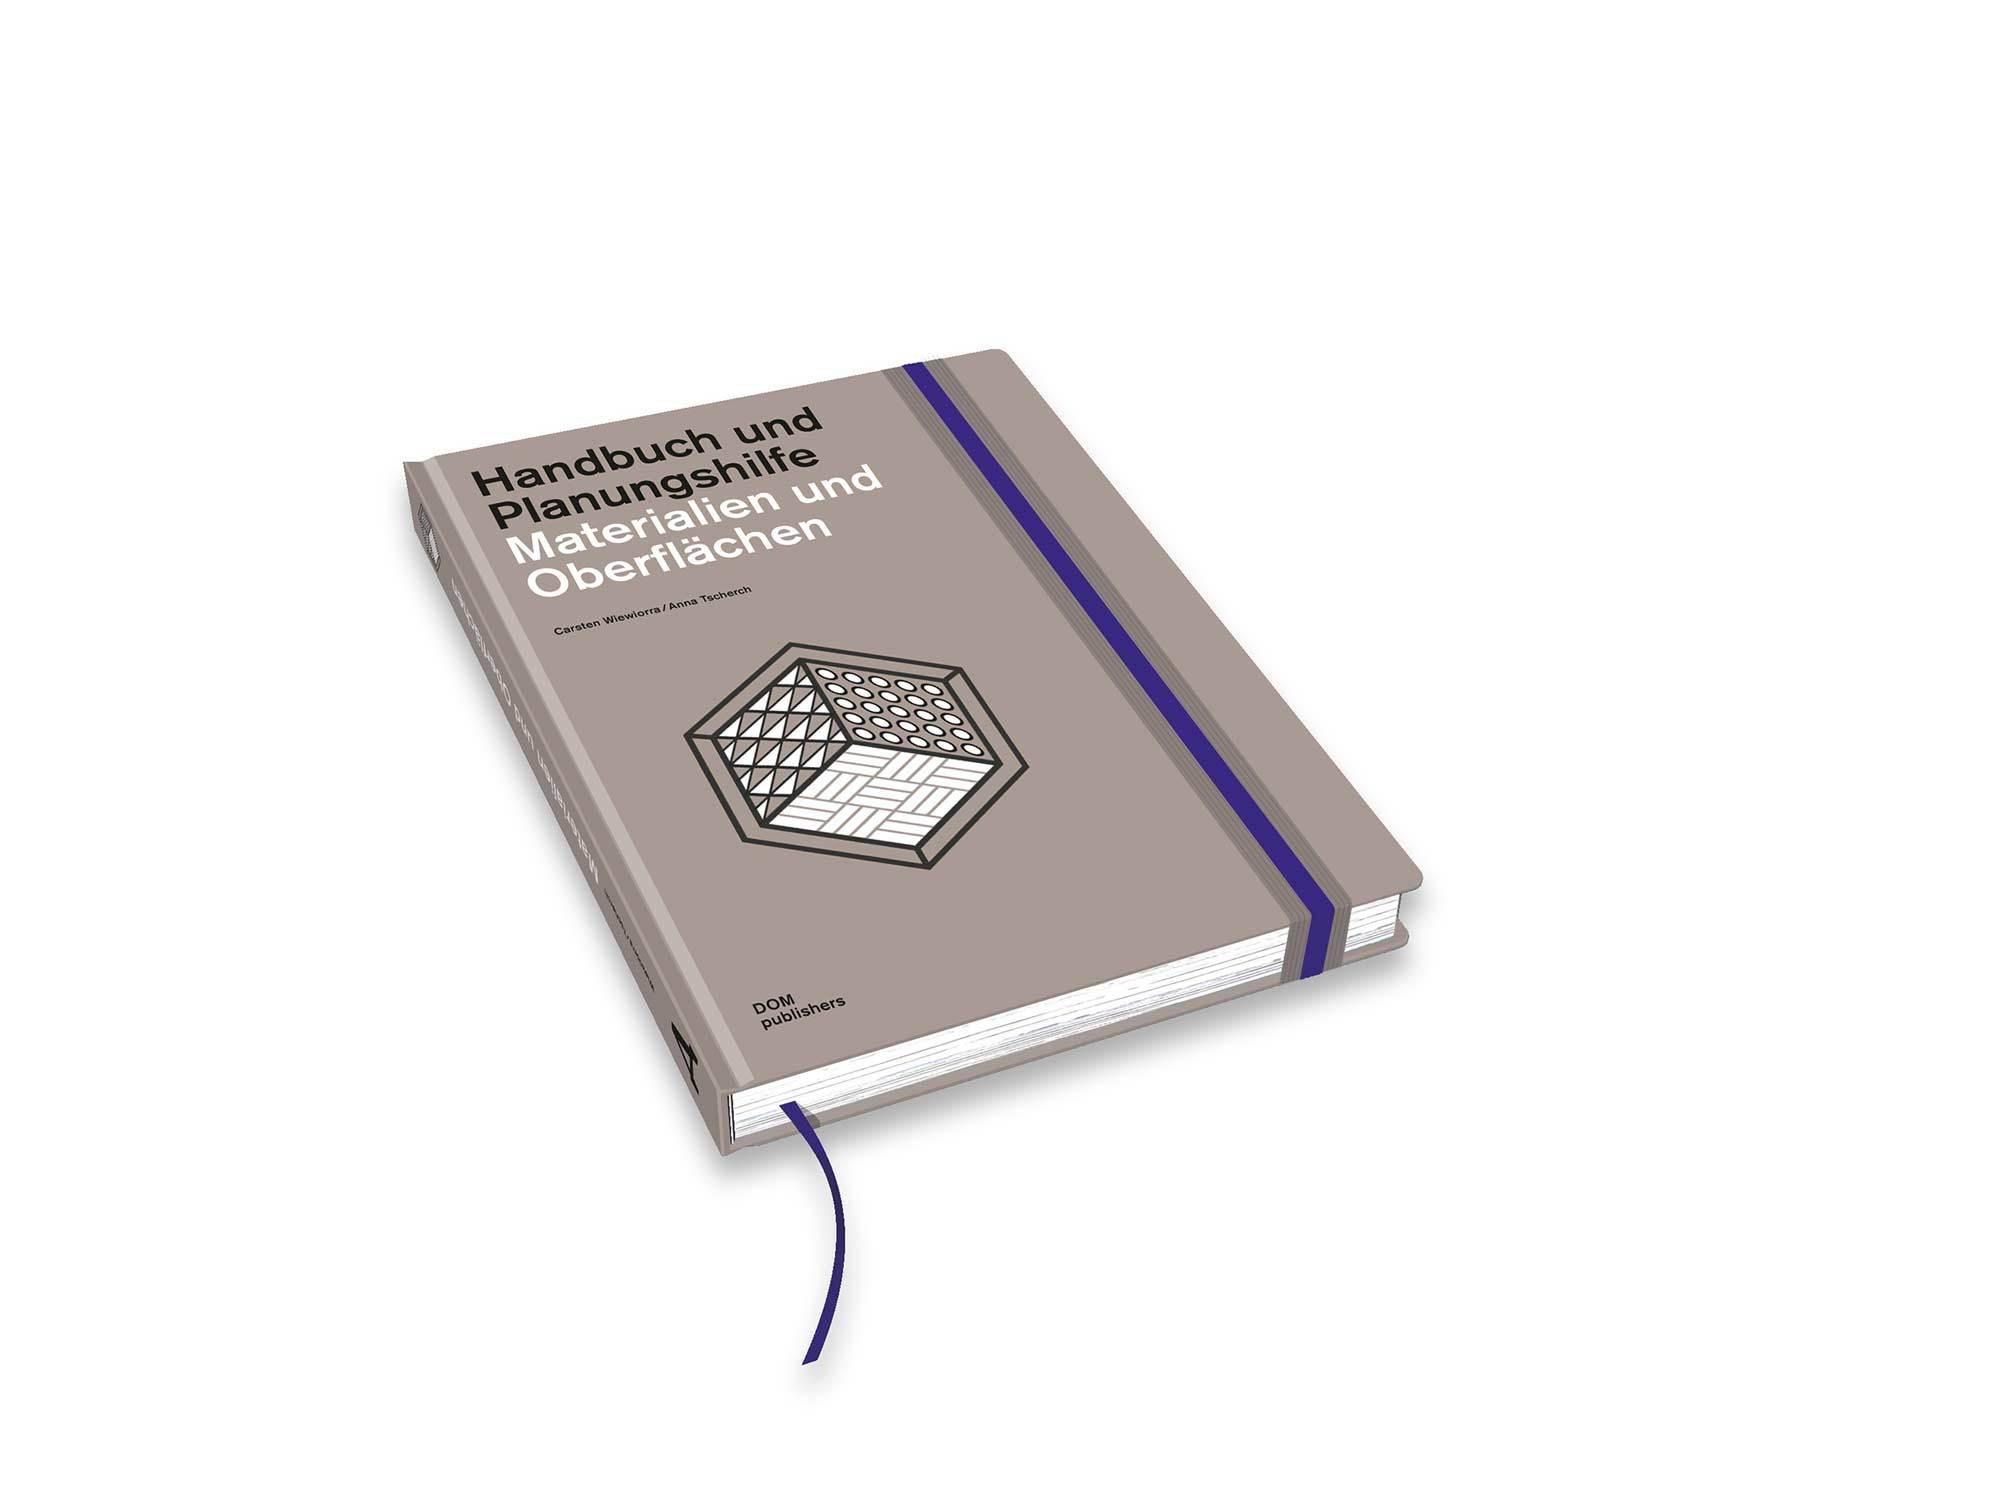 Handbuch und Planungshilfe – Materialien und Oberflächen, Anna Tscherch & Carsten Wiewiorra, DOM publishers, 2019